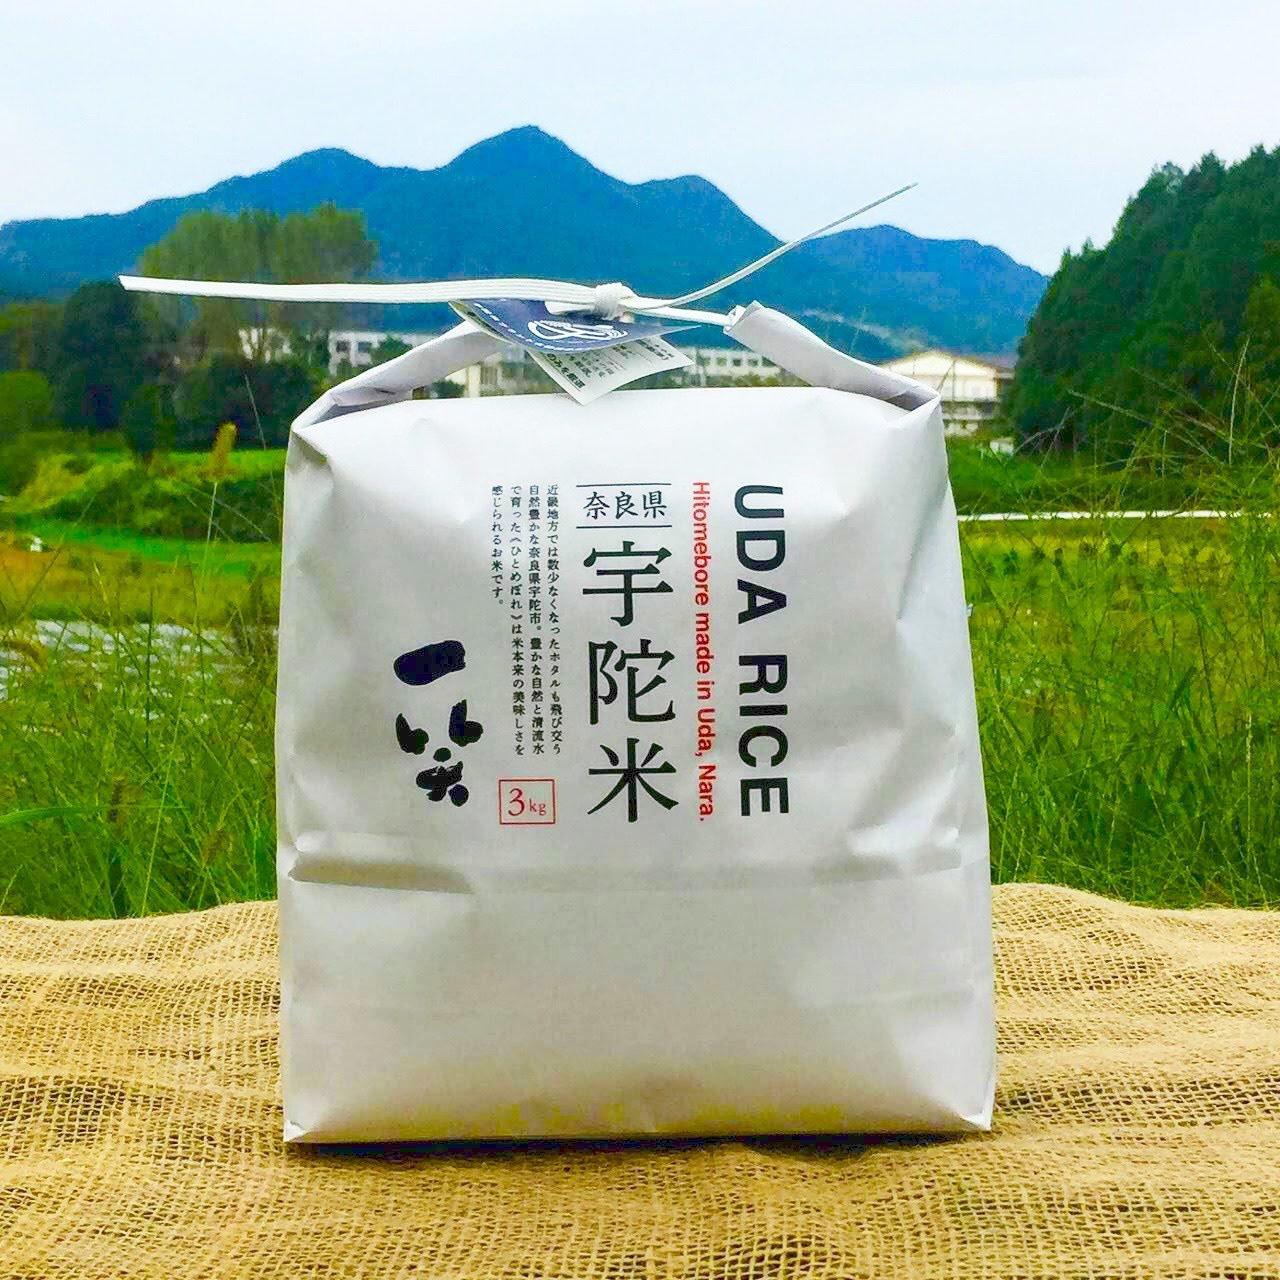 【新米 先行予約!】宇陀米 ひとめぼれ 5kg ※特別栽培米(農薬・化学肥料5割減)※の写真